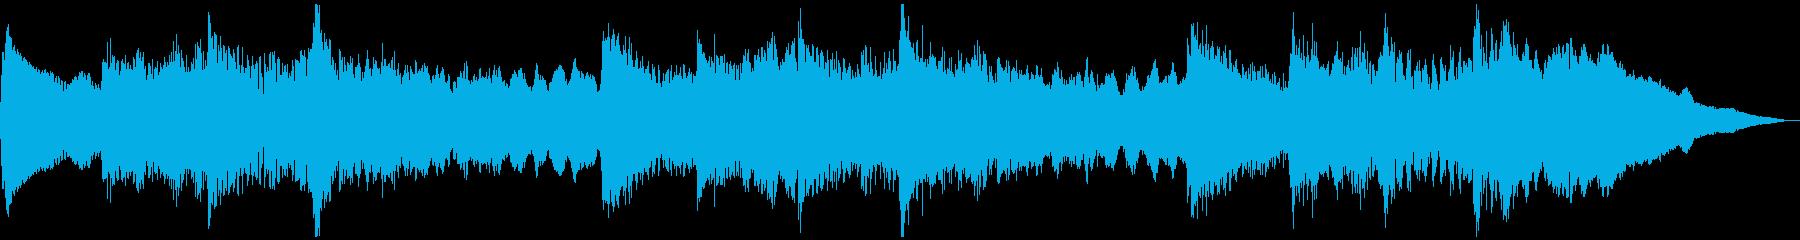 5秒CM用、サウンドロゴverCの再生済みの波形